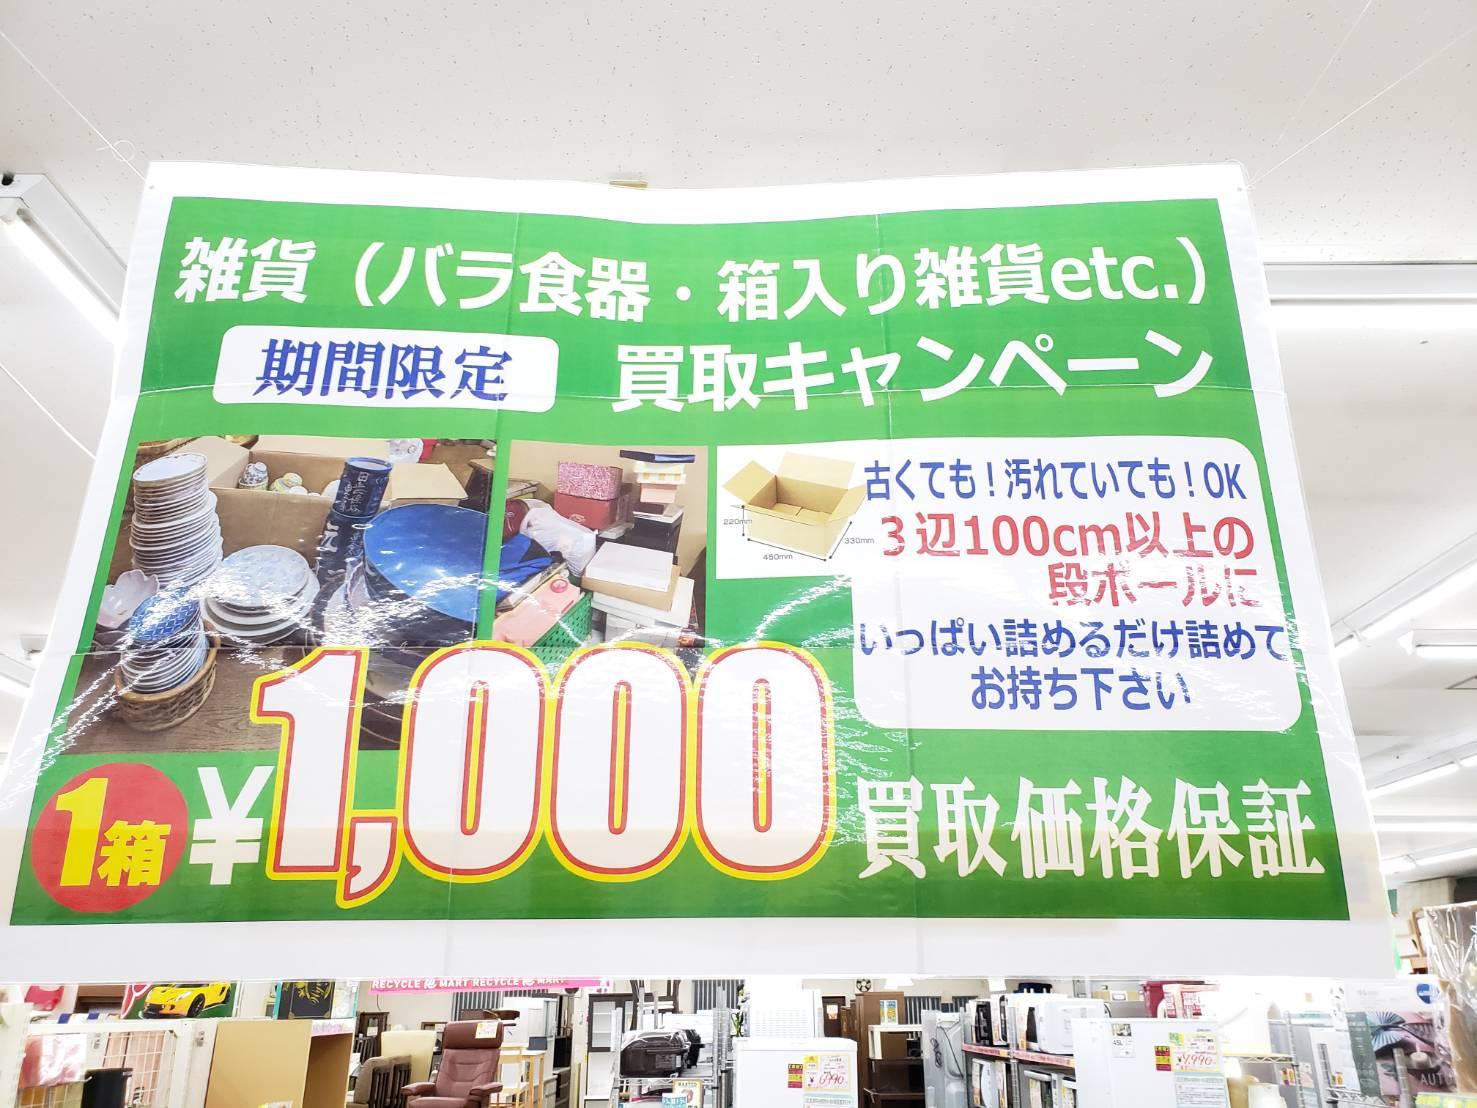 超お得!買取キャンペーンのお知らせです! 段ボール1箱1000円買取確定!